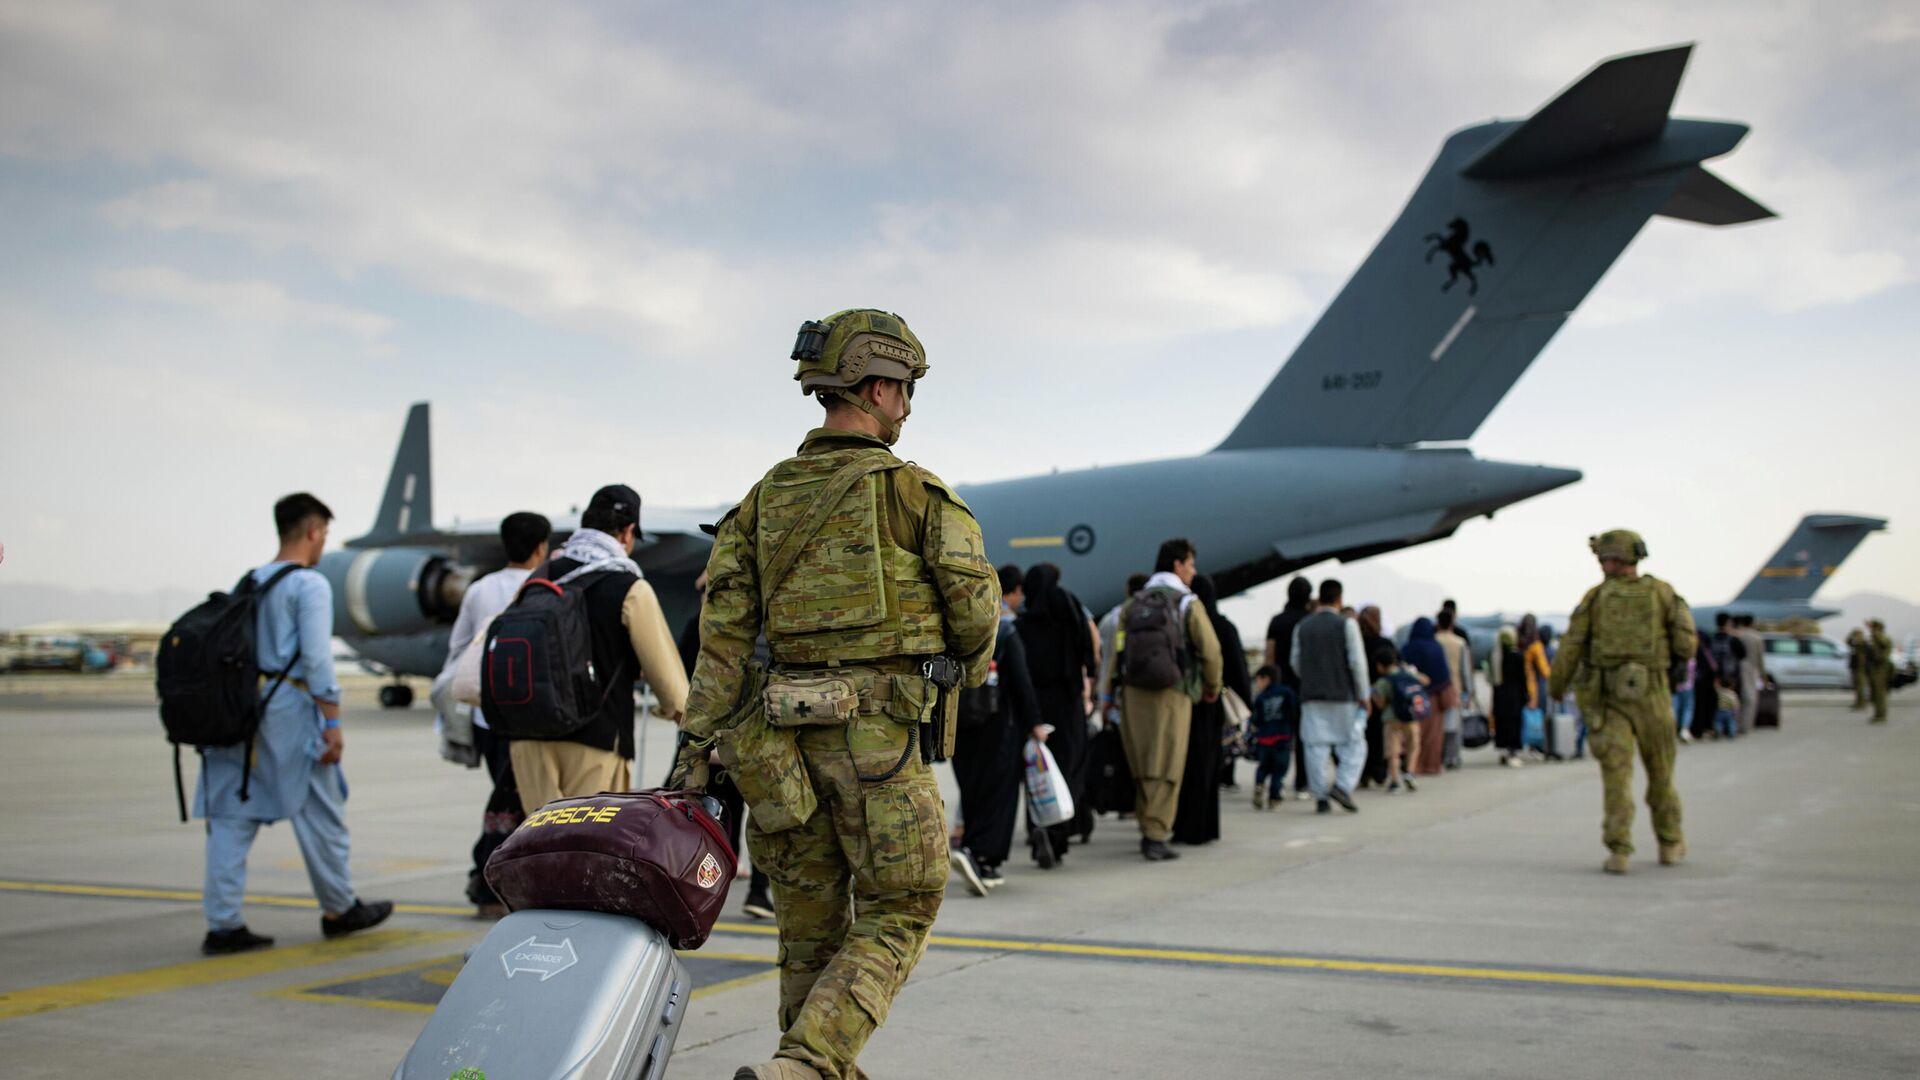 Evakuacija stranih državljana i Avganistanaca sa aerodroma u Kabulu - Sputnik Srbija, 1920, 27.08.2021